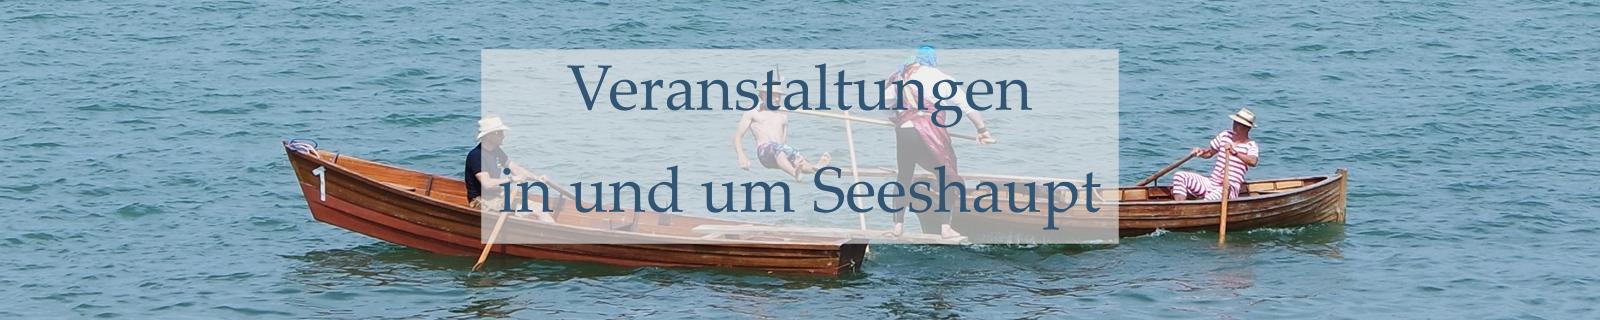 Seeshaupt-er-leben